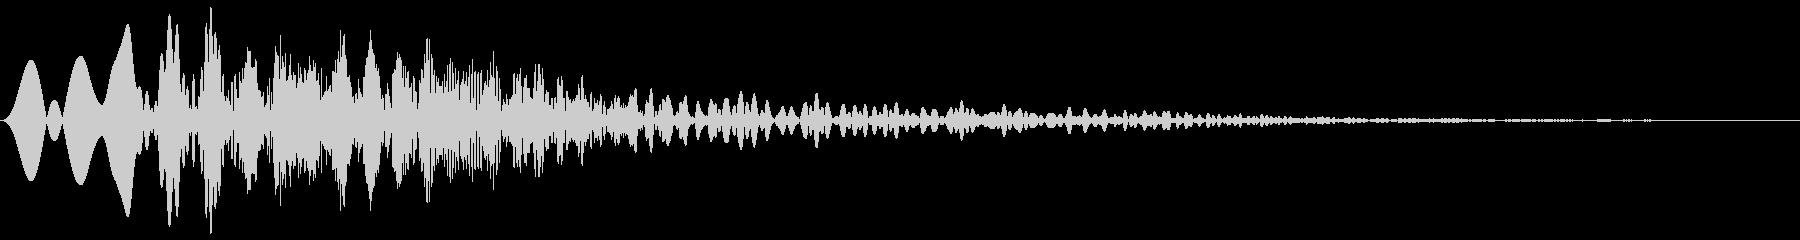 カーソル・決定・キャンセル音 「ピョイ」の未再生の波形